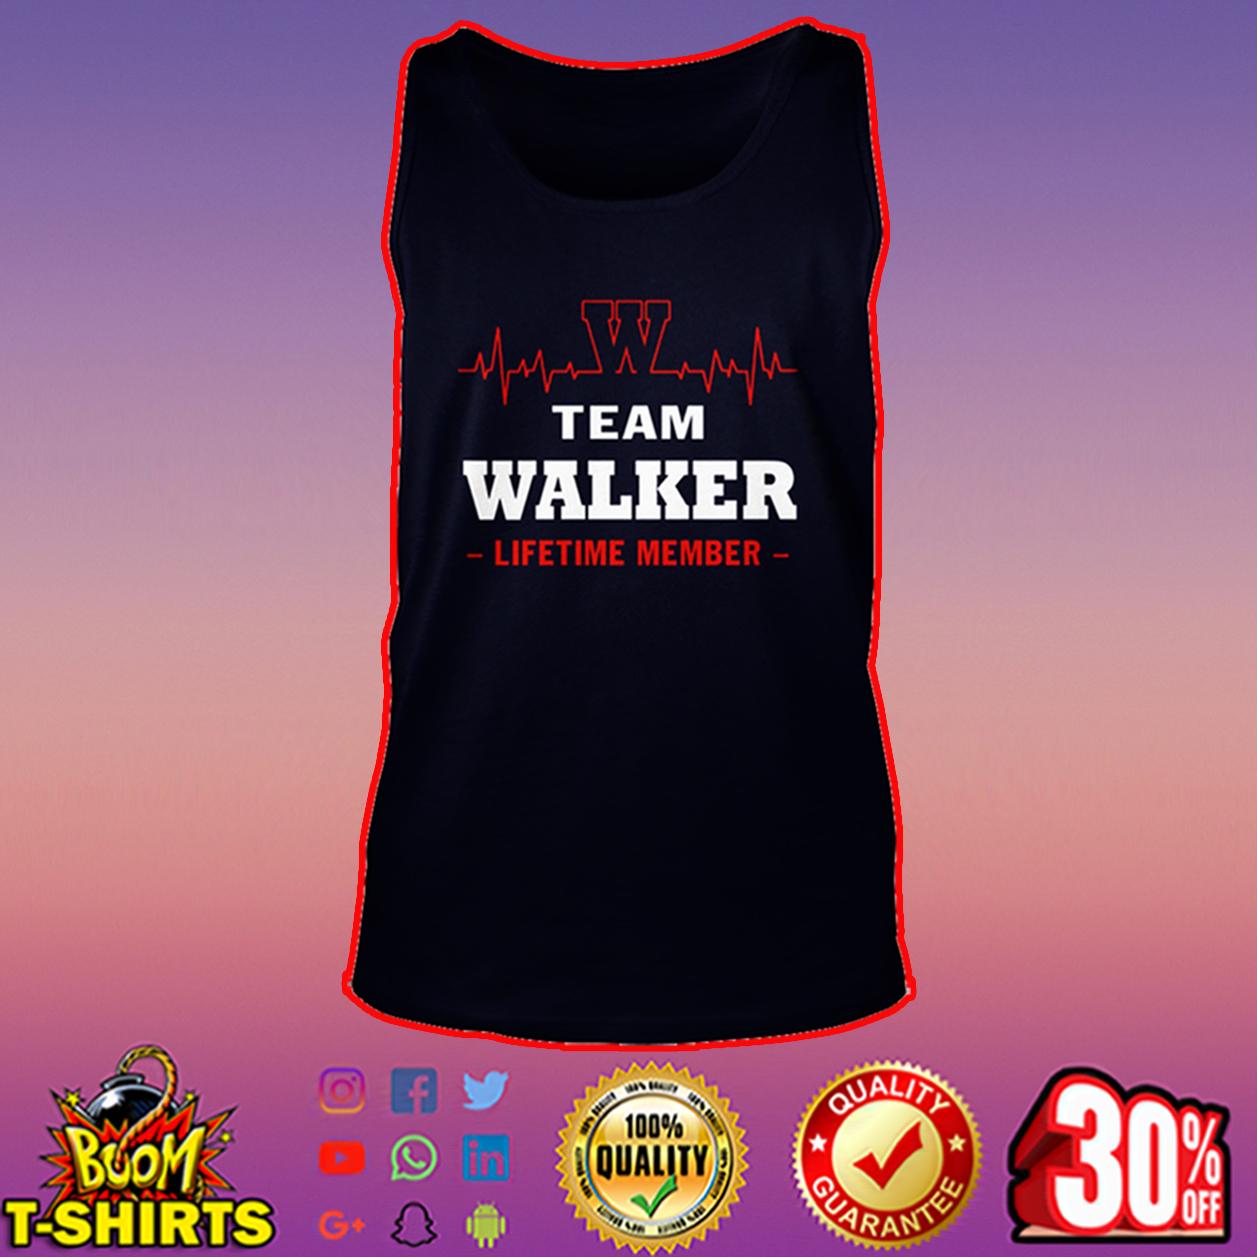 Team Walker lifetime member tank top